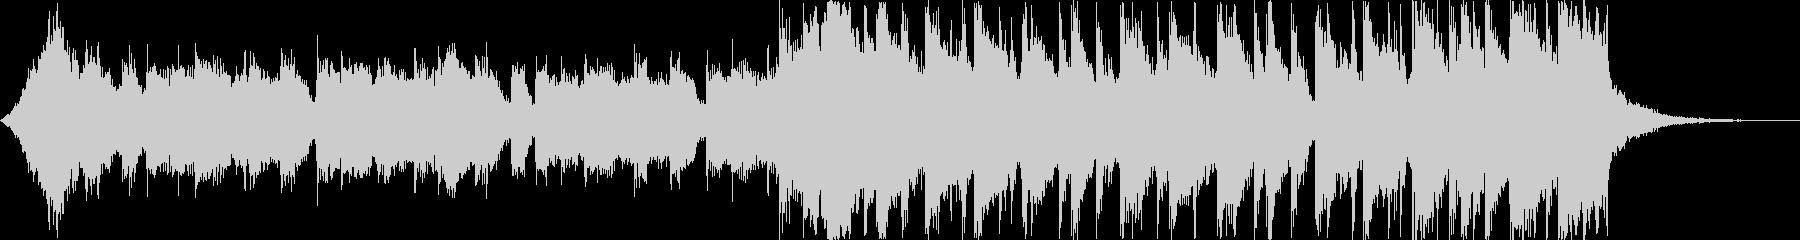 洋楽トラップヒップホップパリピEDMcの未再生の波形